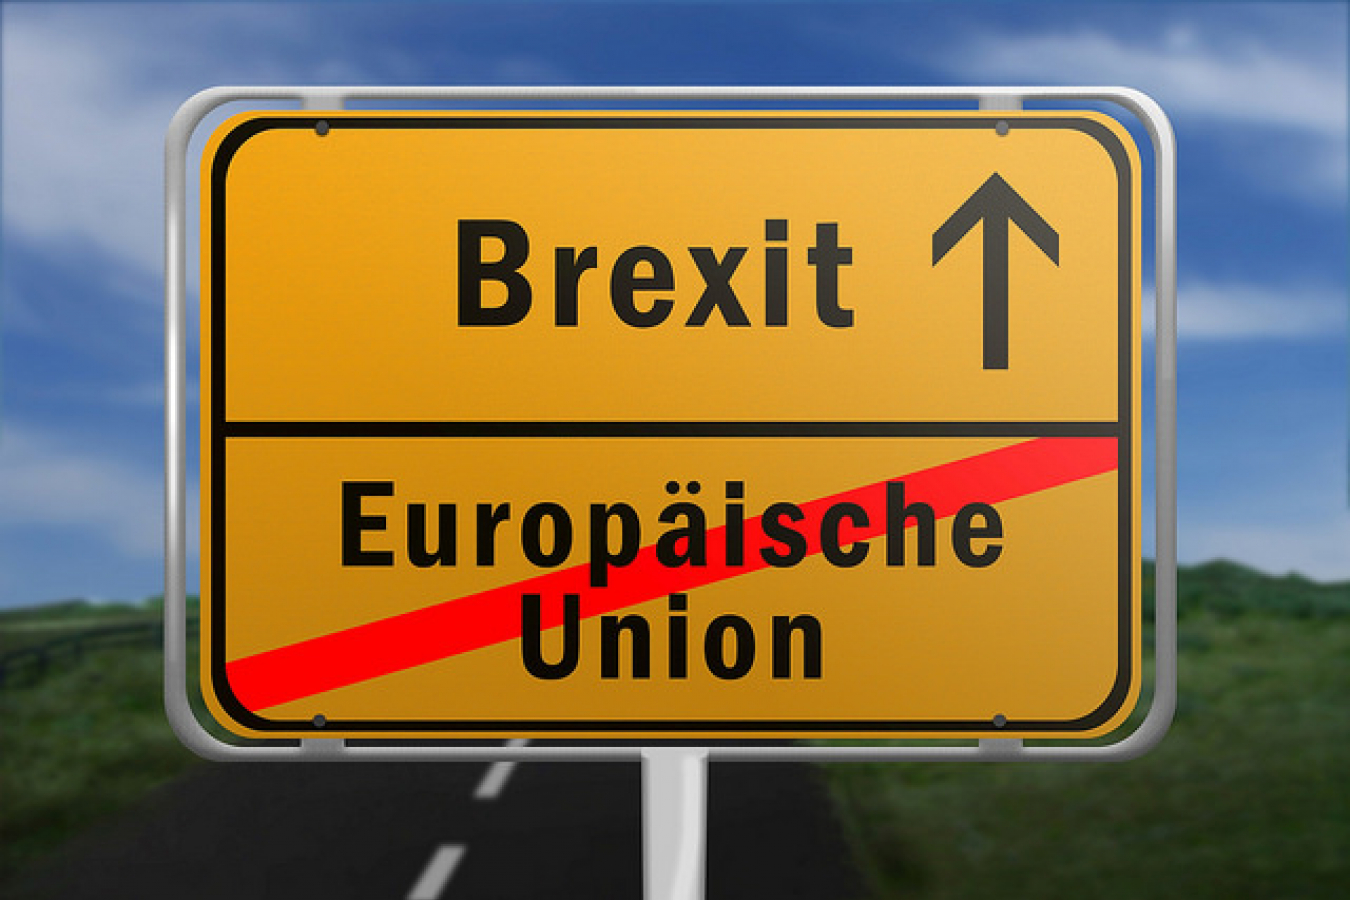 Ortsschild mit den Worten Europaeische Union und Brexit